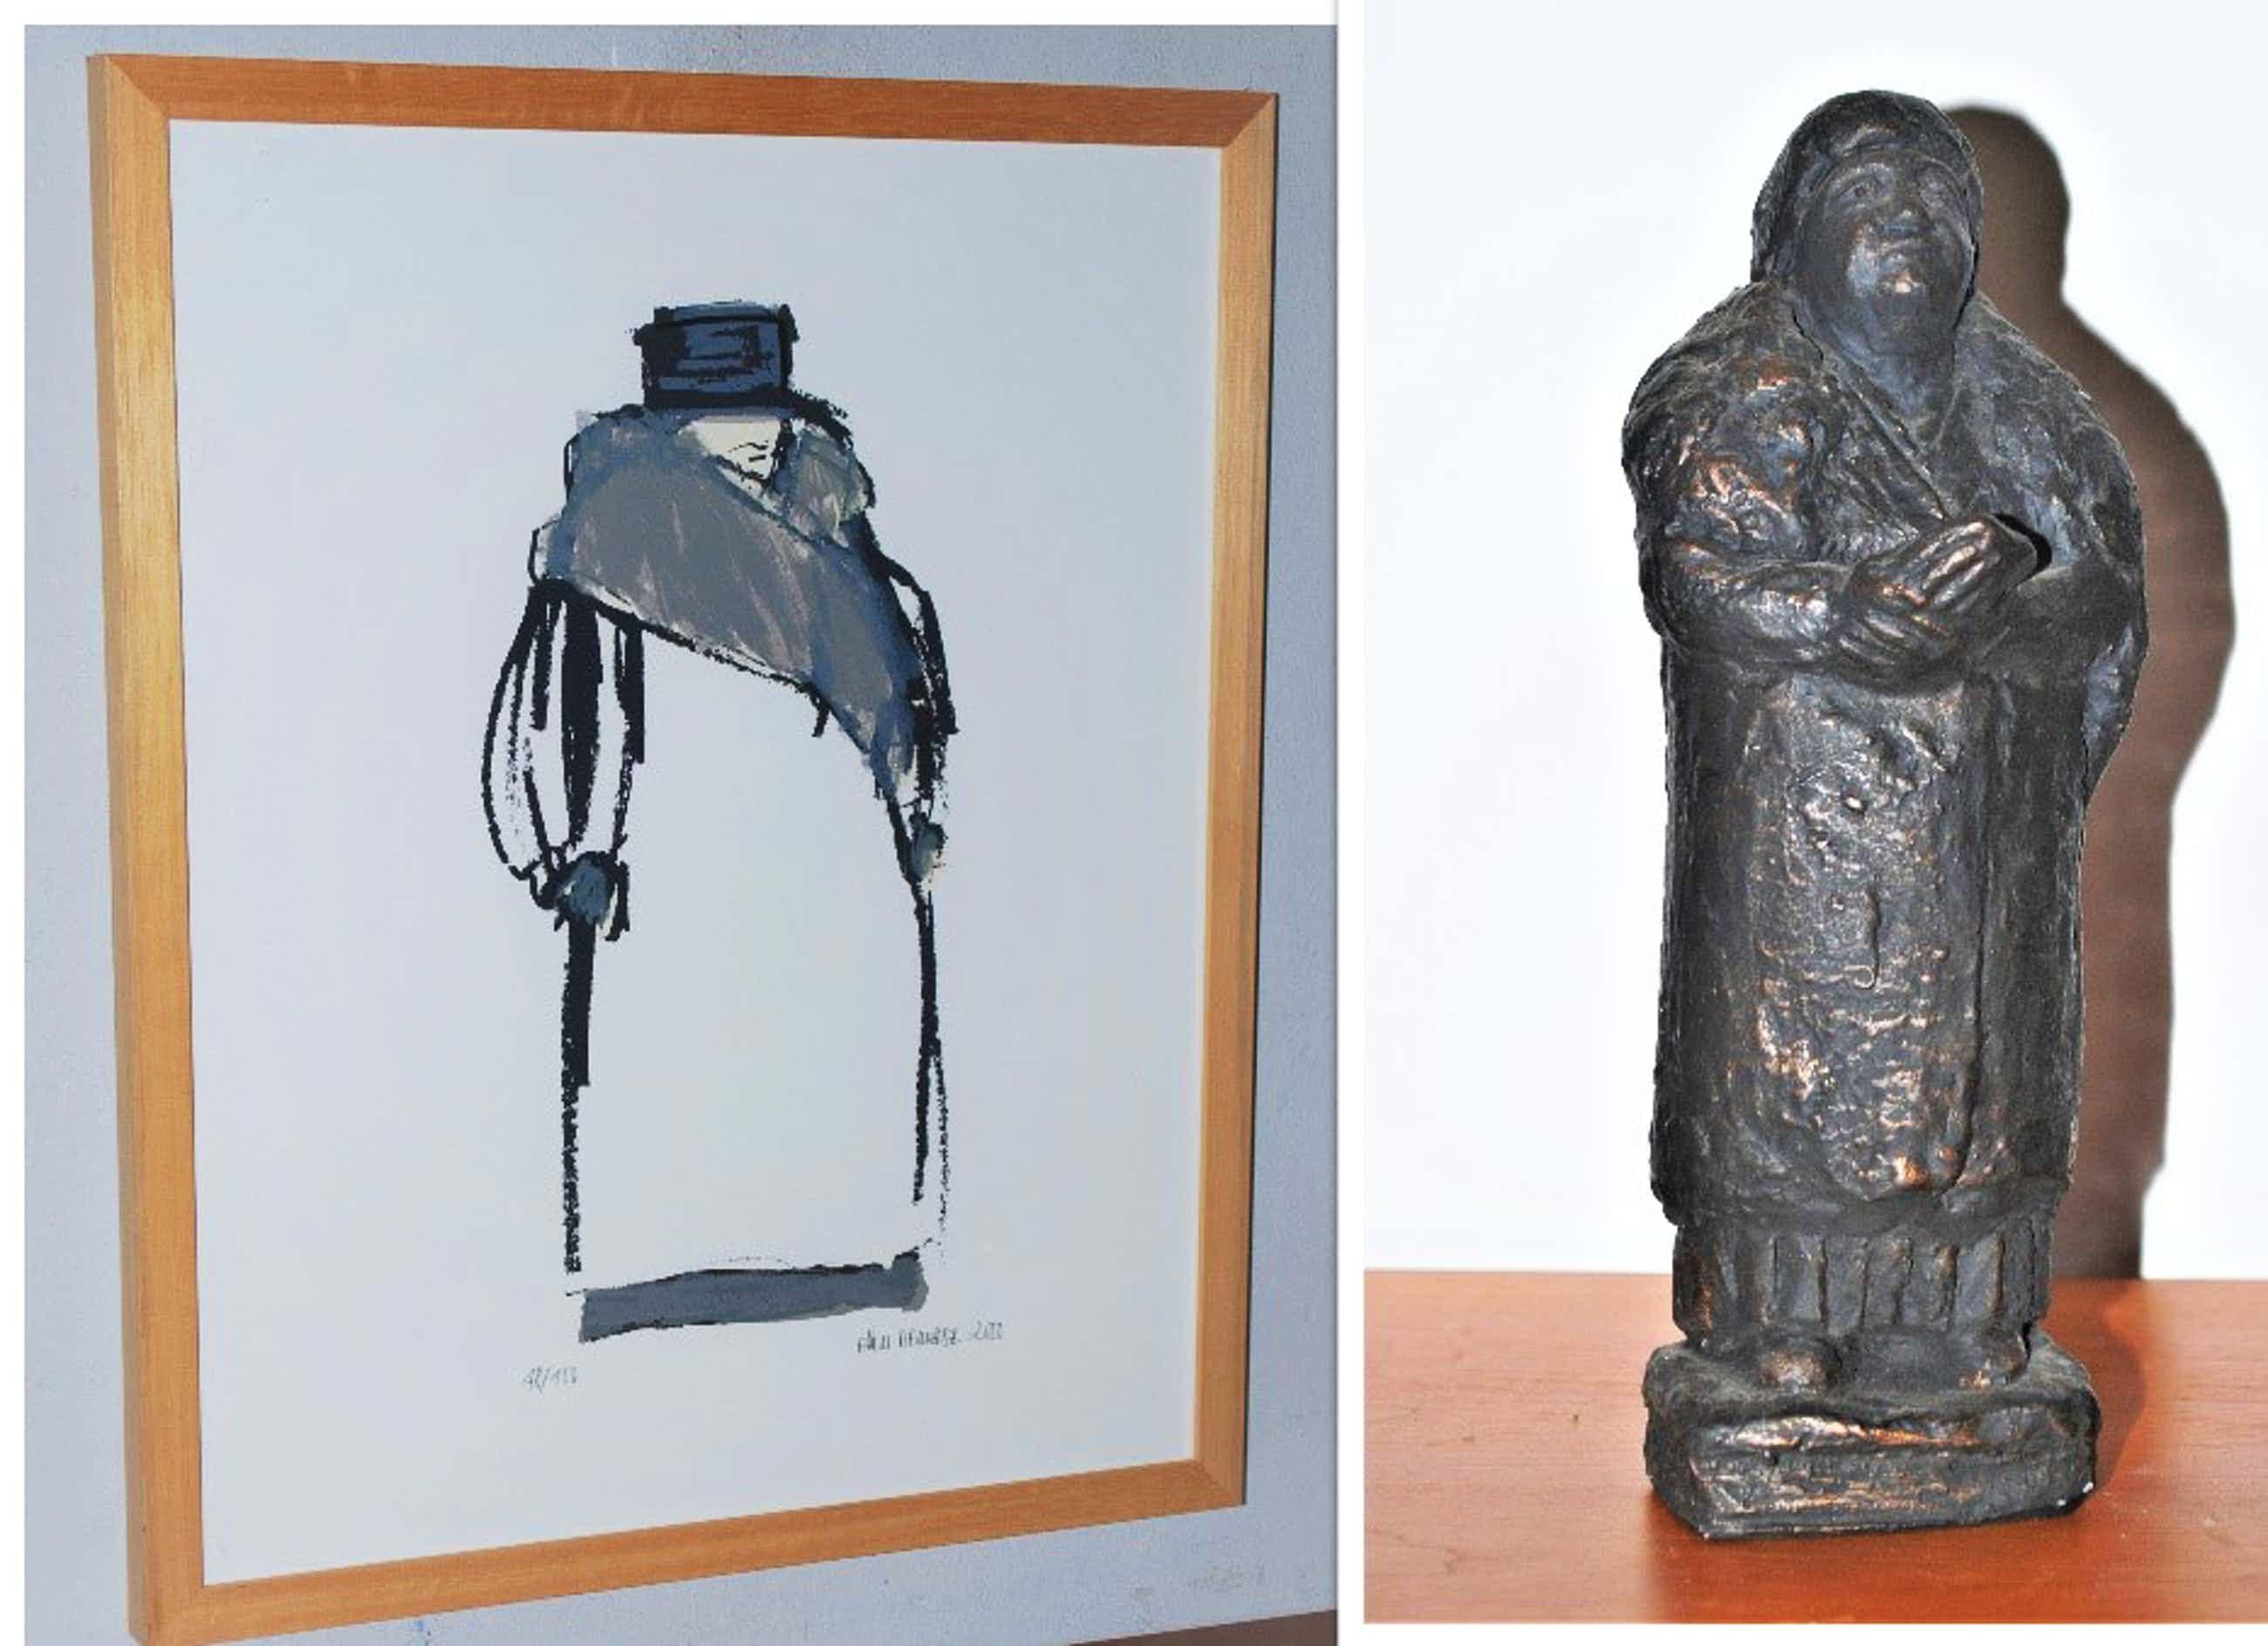 Ellen Meuwese - Wilhelmina -zeefdruk, oplage 100 - incl. beeldje Wilhelmina 1.2 kg kopen? Bied vanaf 35!